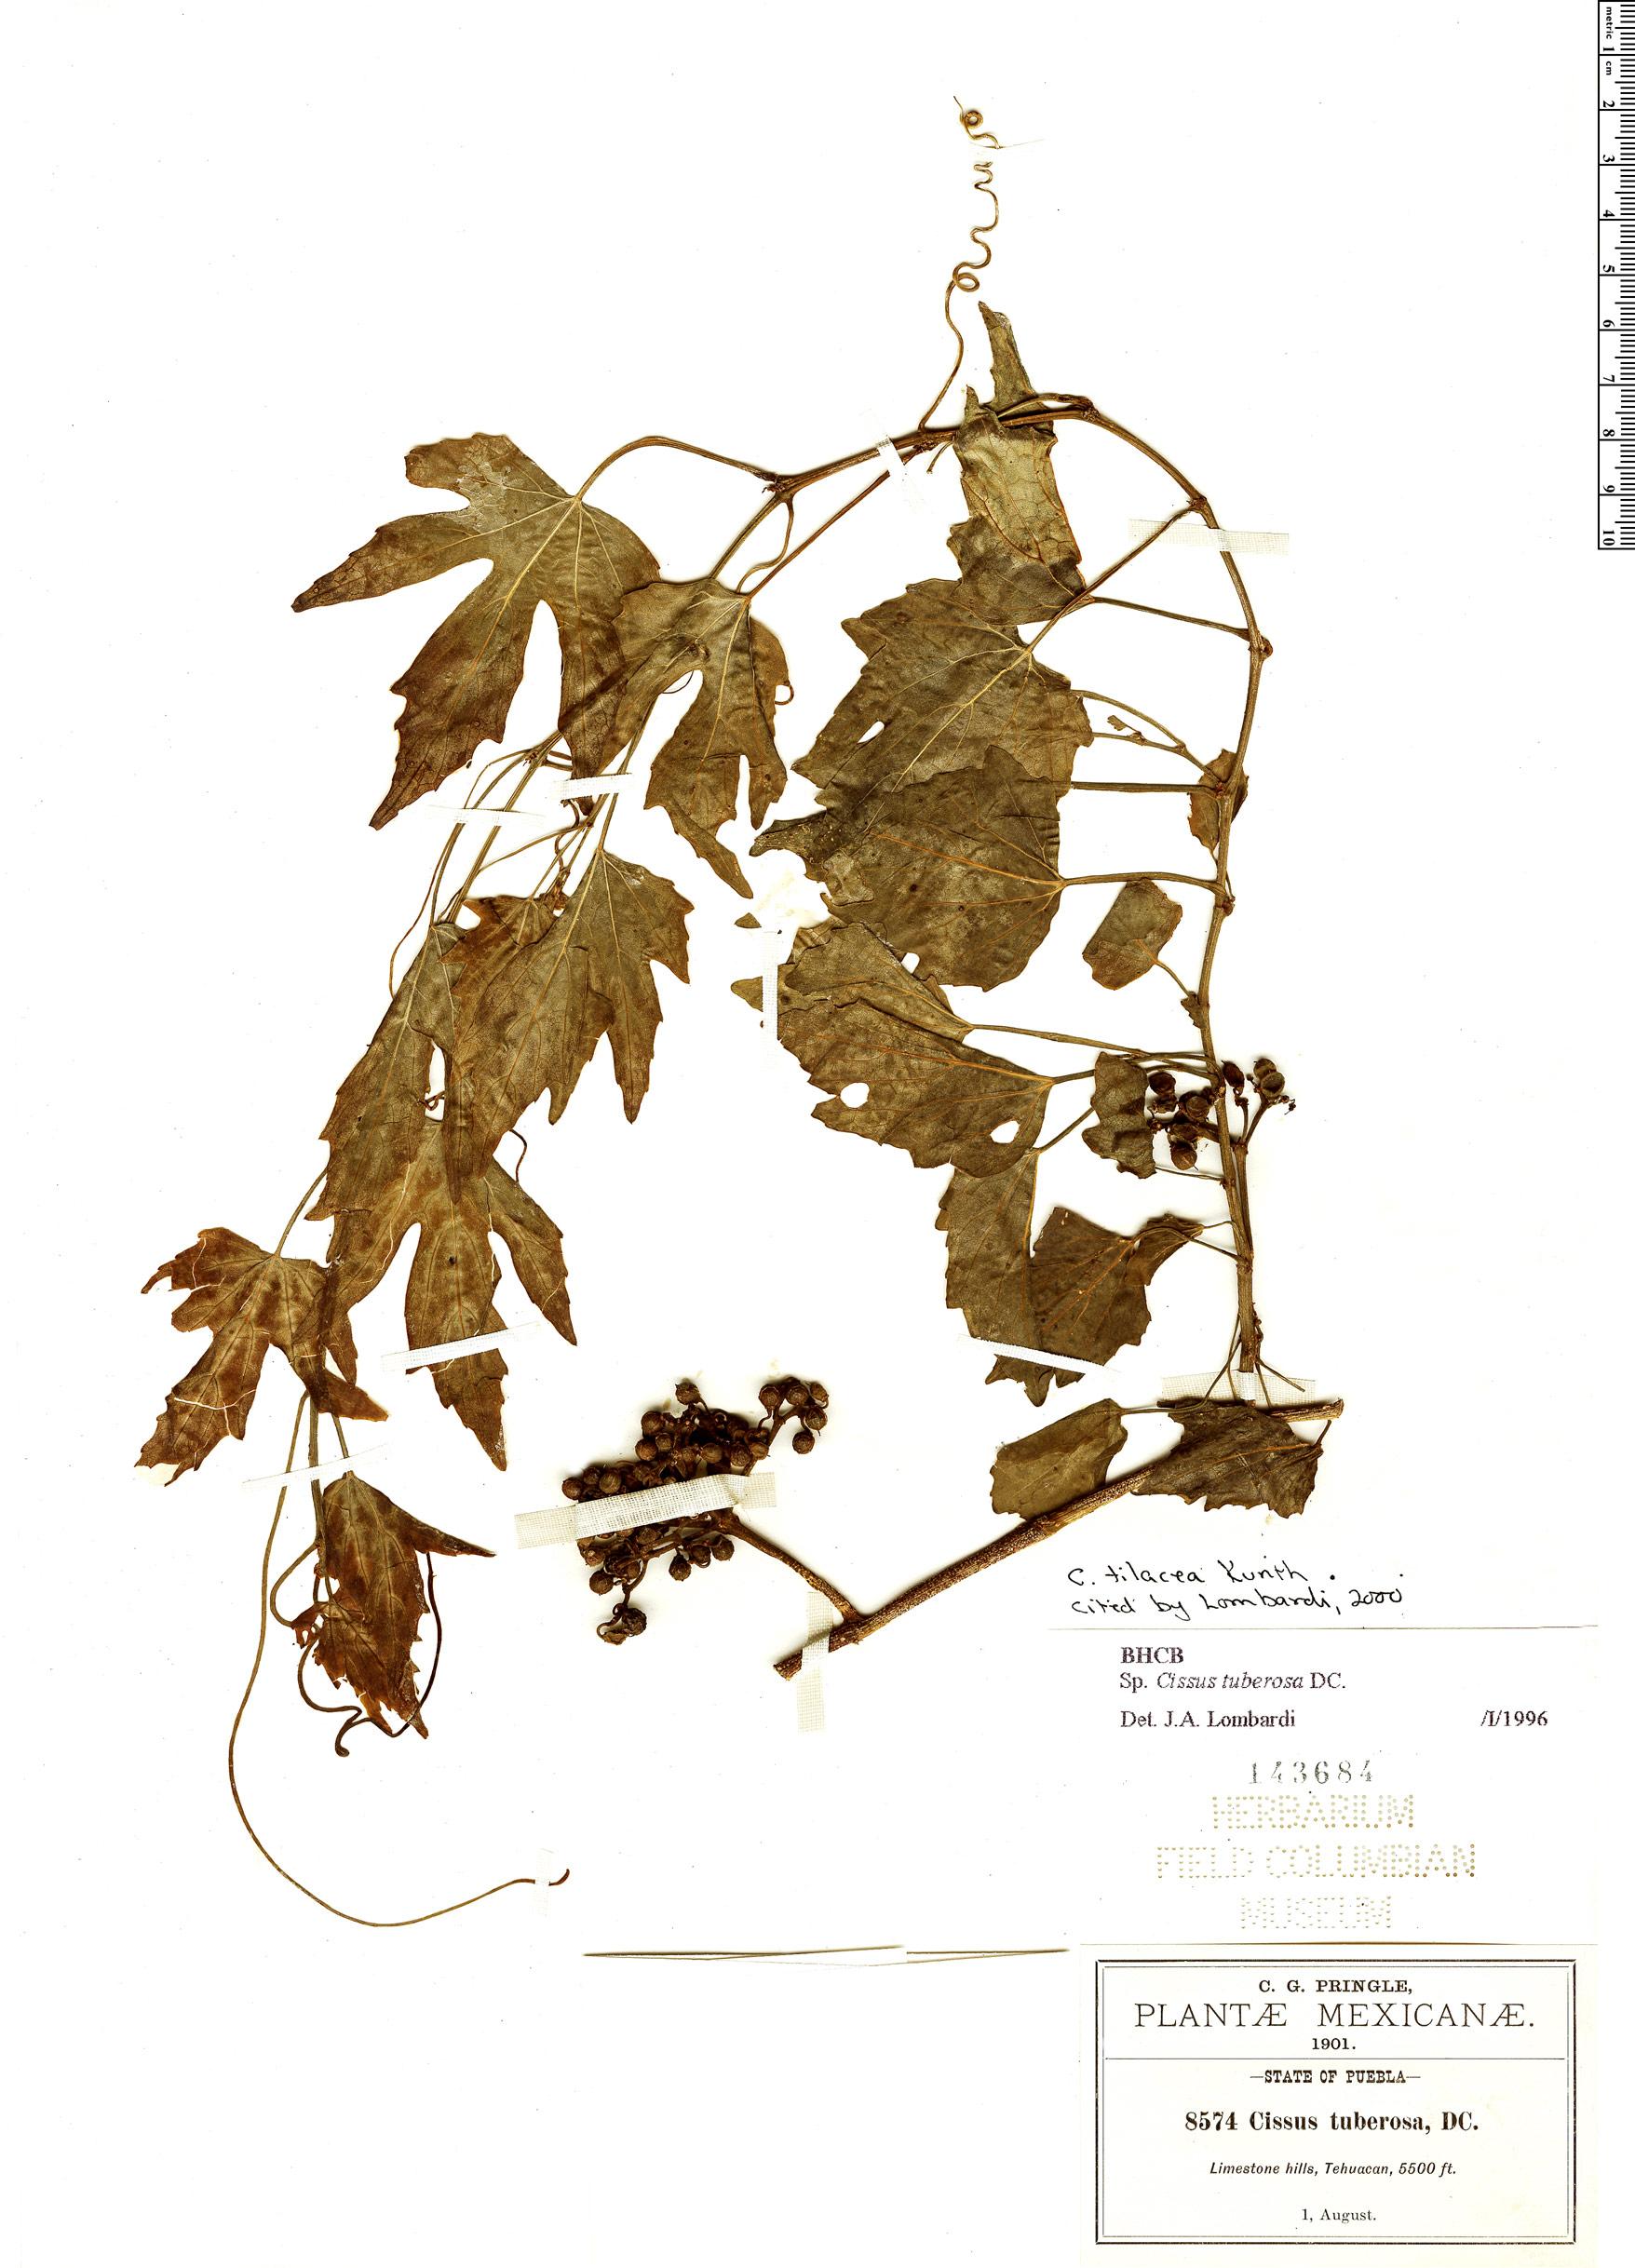 Specimen: Cissus tiliacea